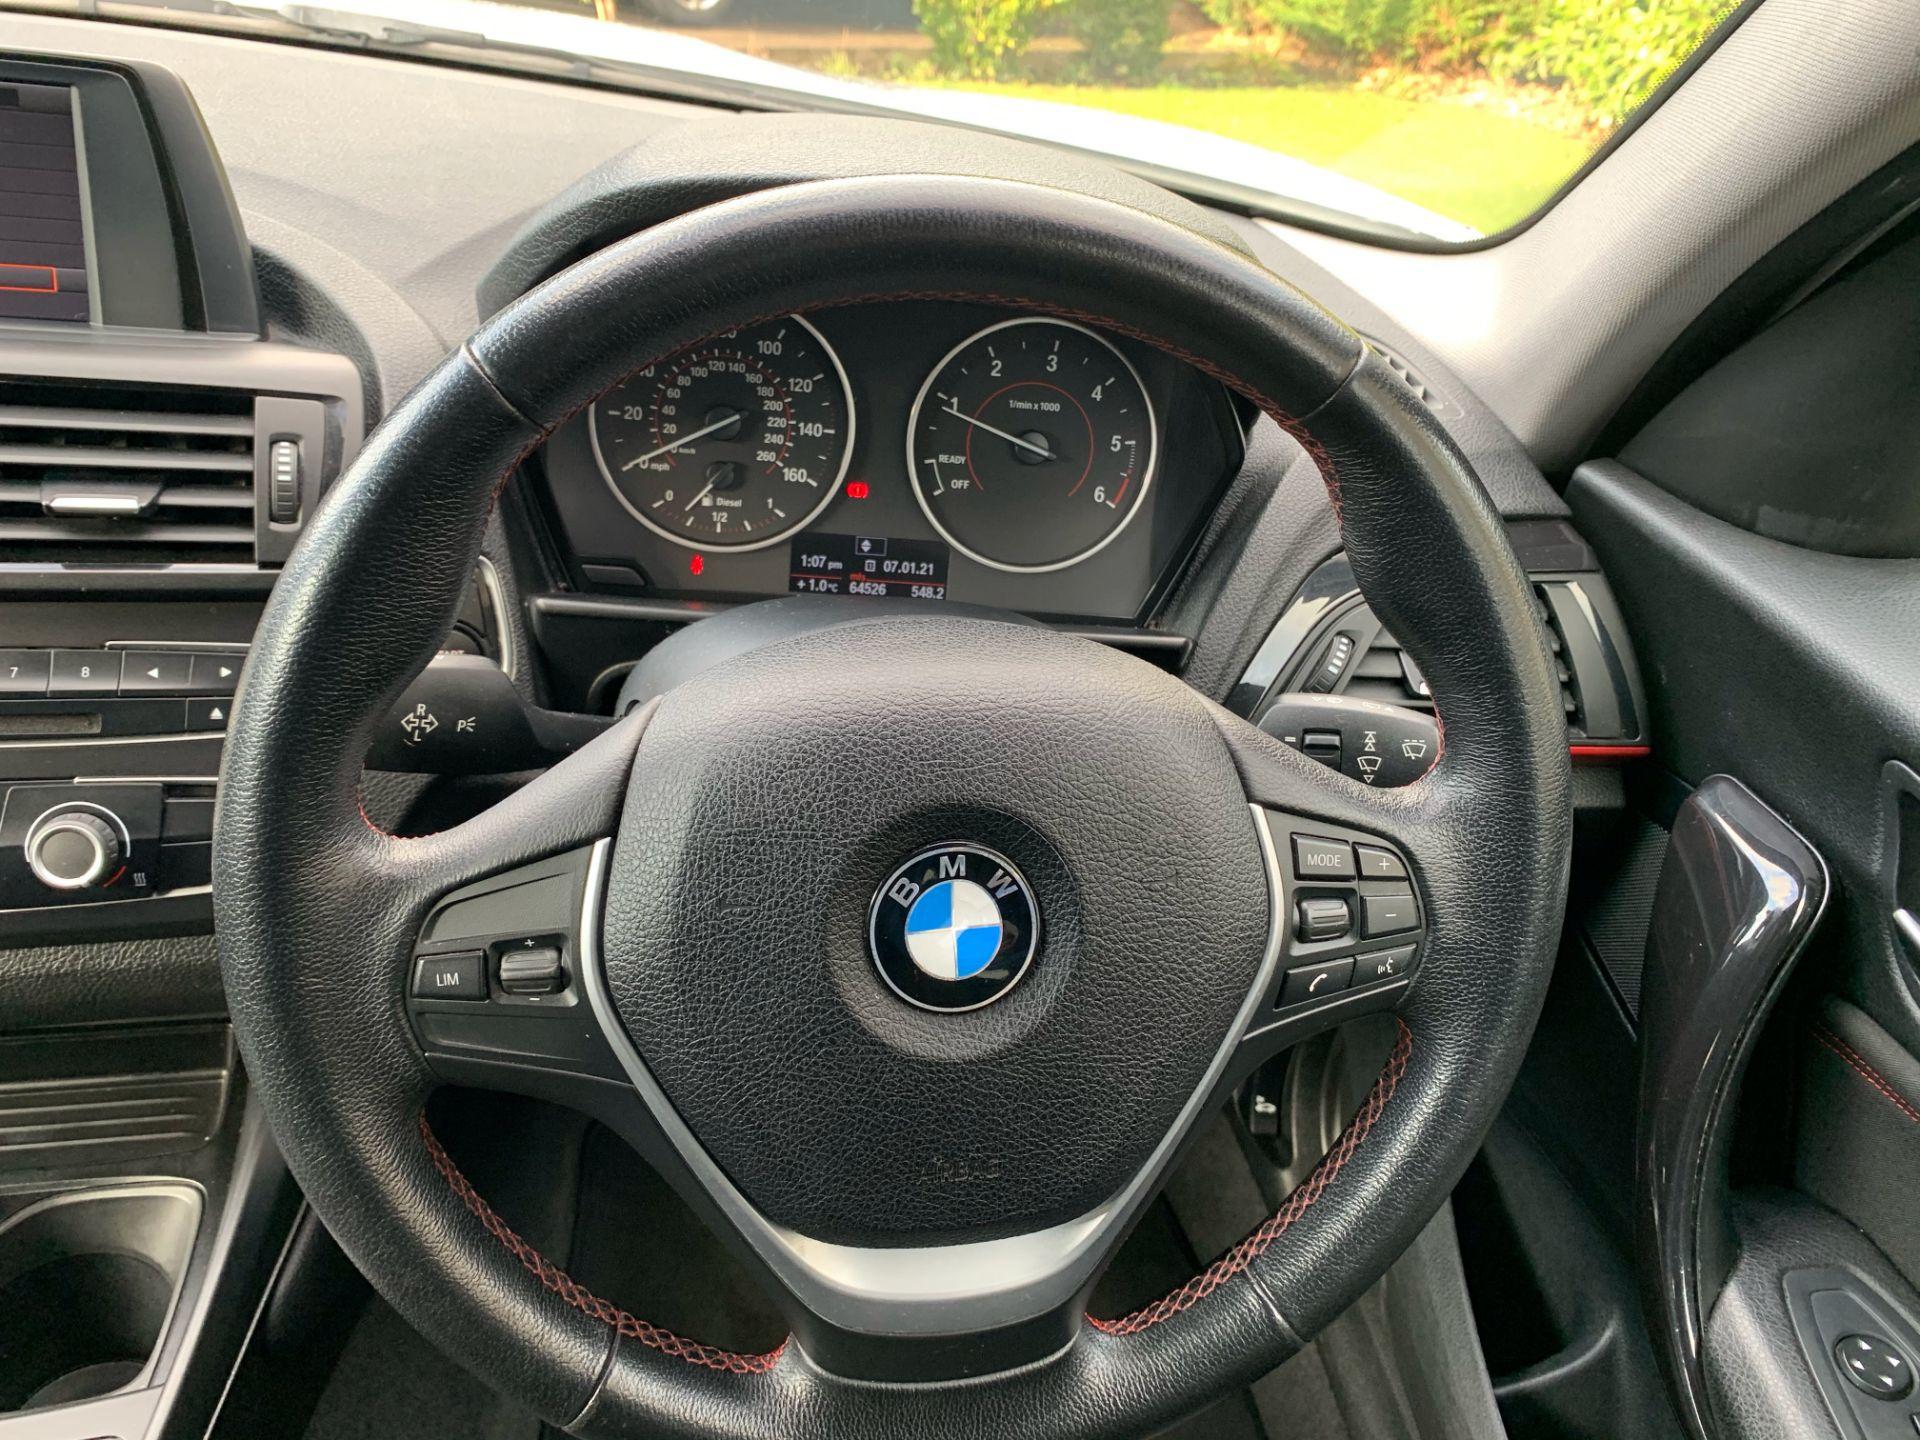 BMW 116D SPORT 2.0 (1995cc) 5 door hatchback - diesel - white Reg. No: YF12 YRZ Rec. - Image 8 of 19